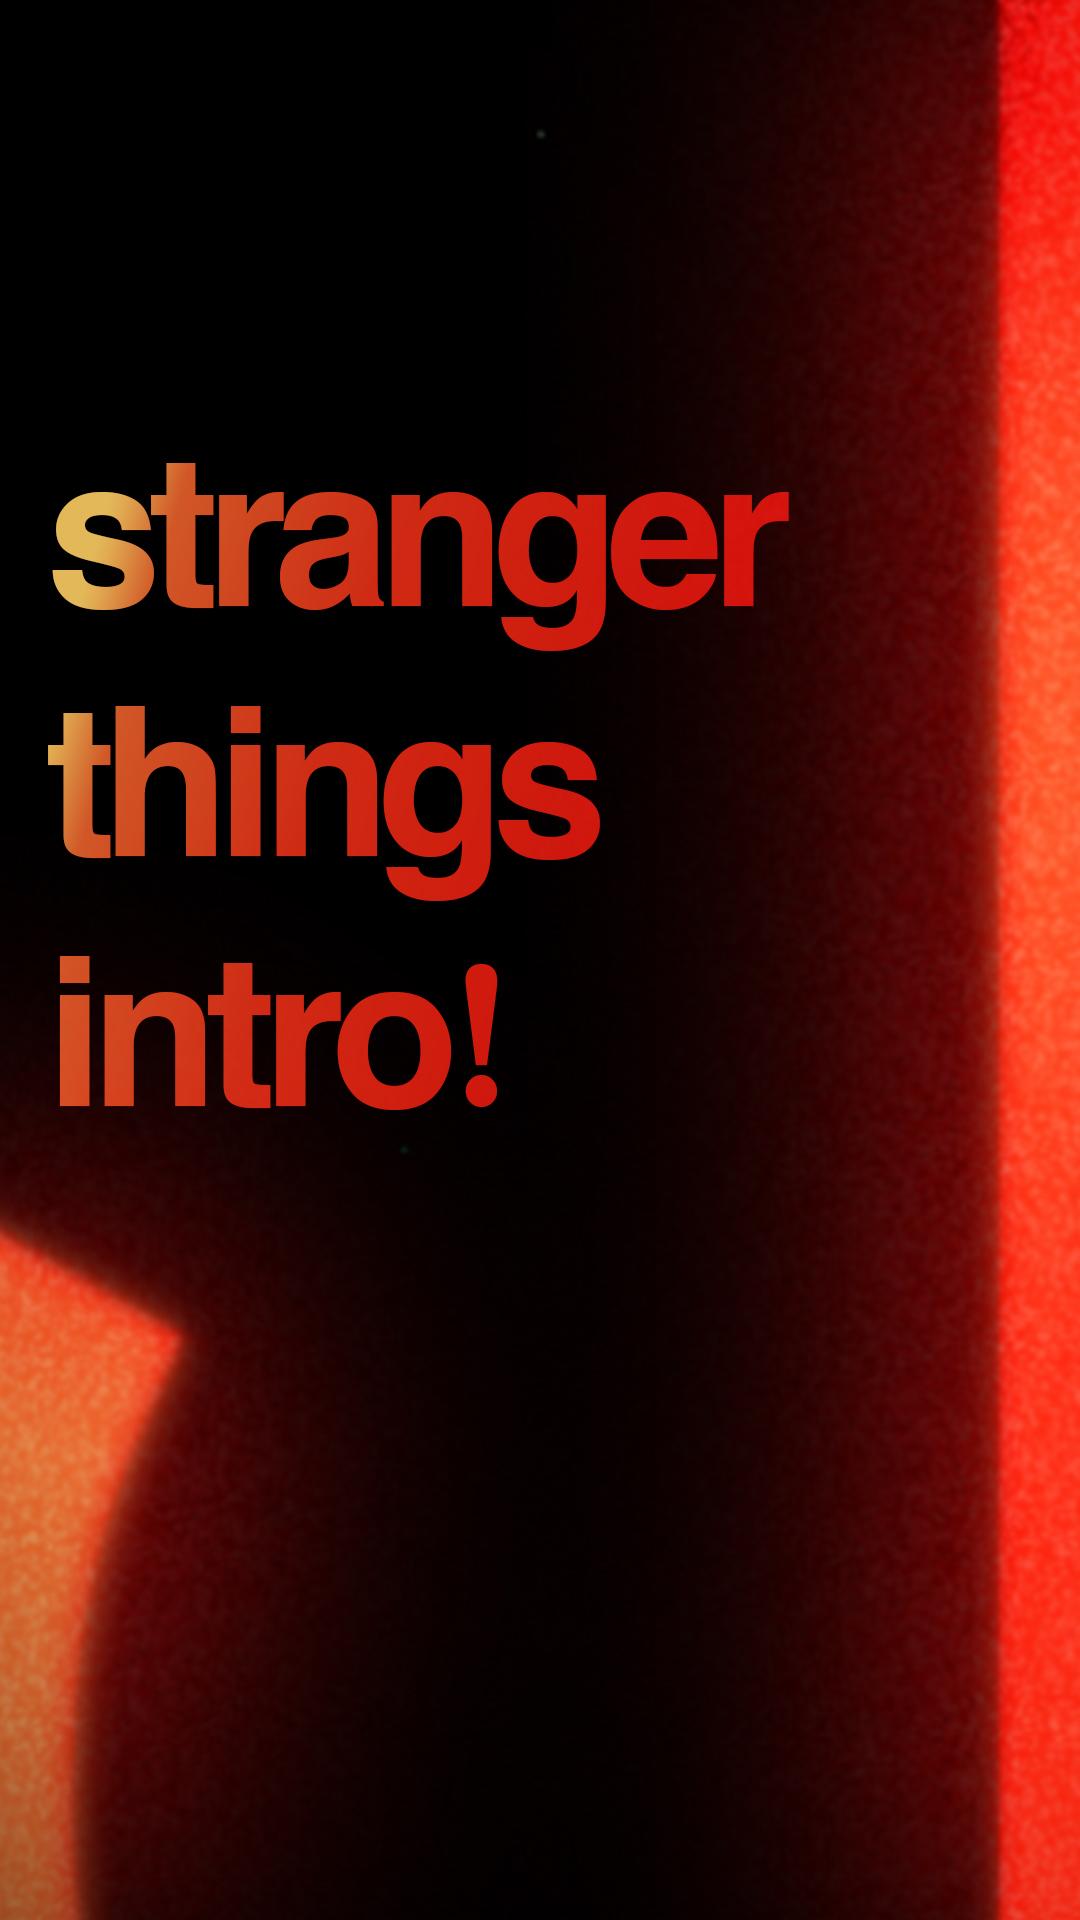 strangerthumbnail_IGTV_1.jpg